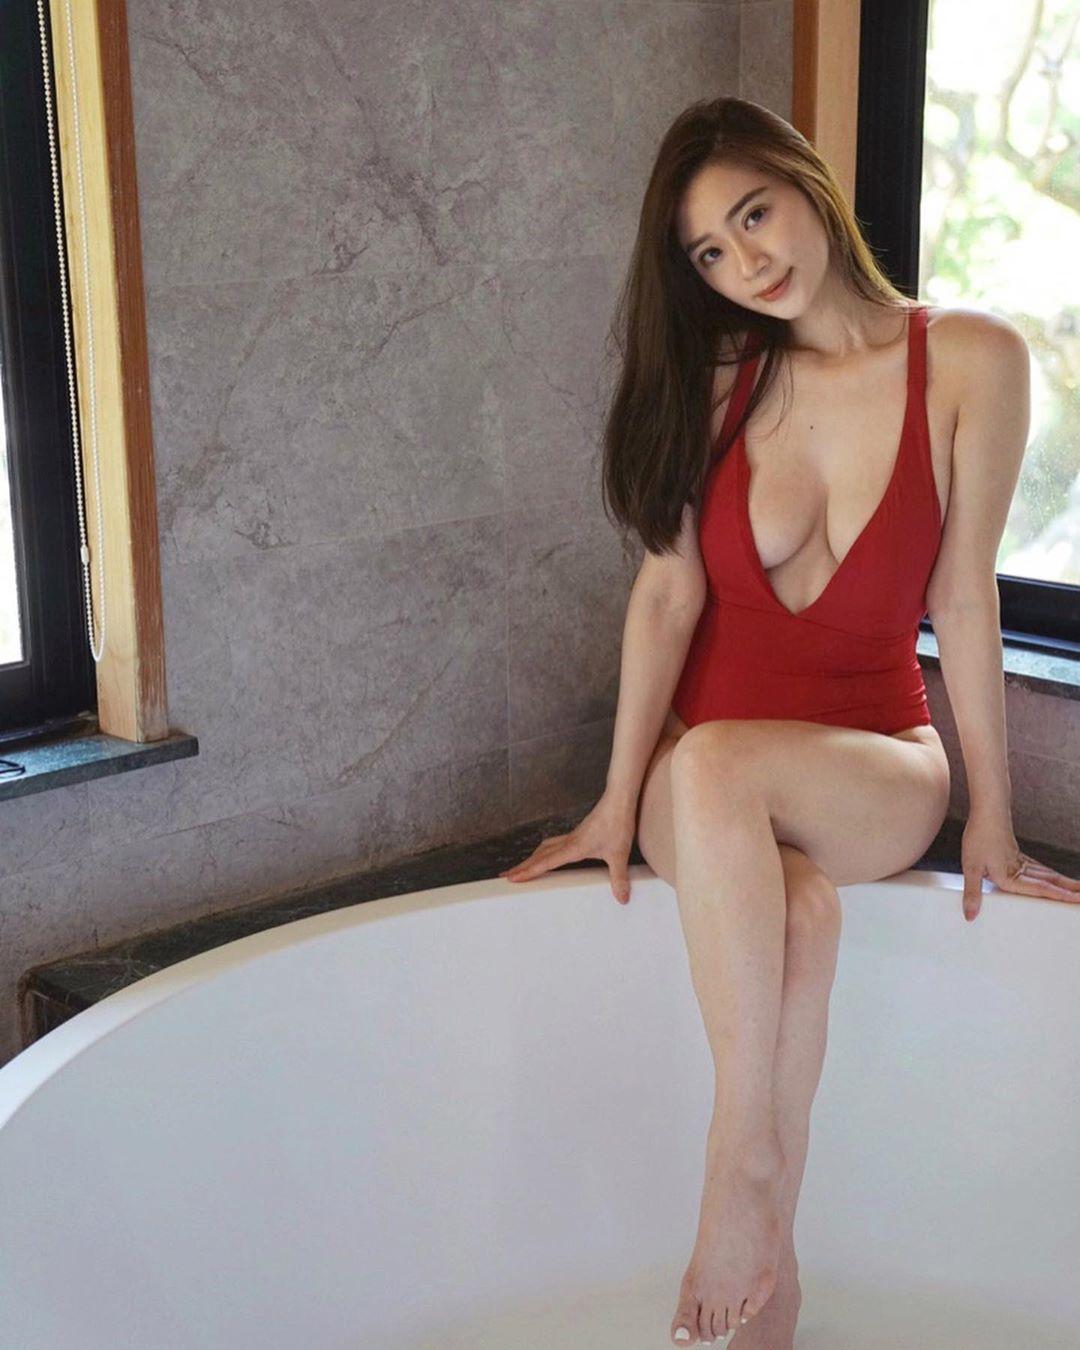 正妹渡假中門大開浸浴 網民:見到傳說中的水滴 - 美女圖 -